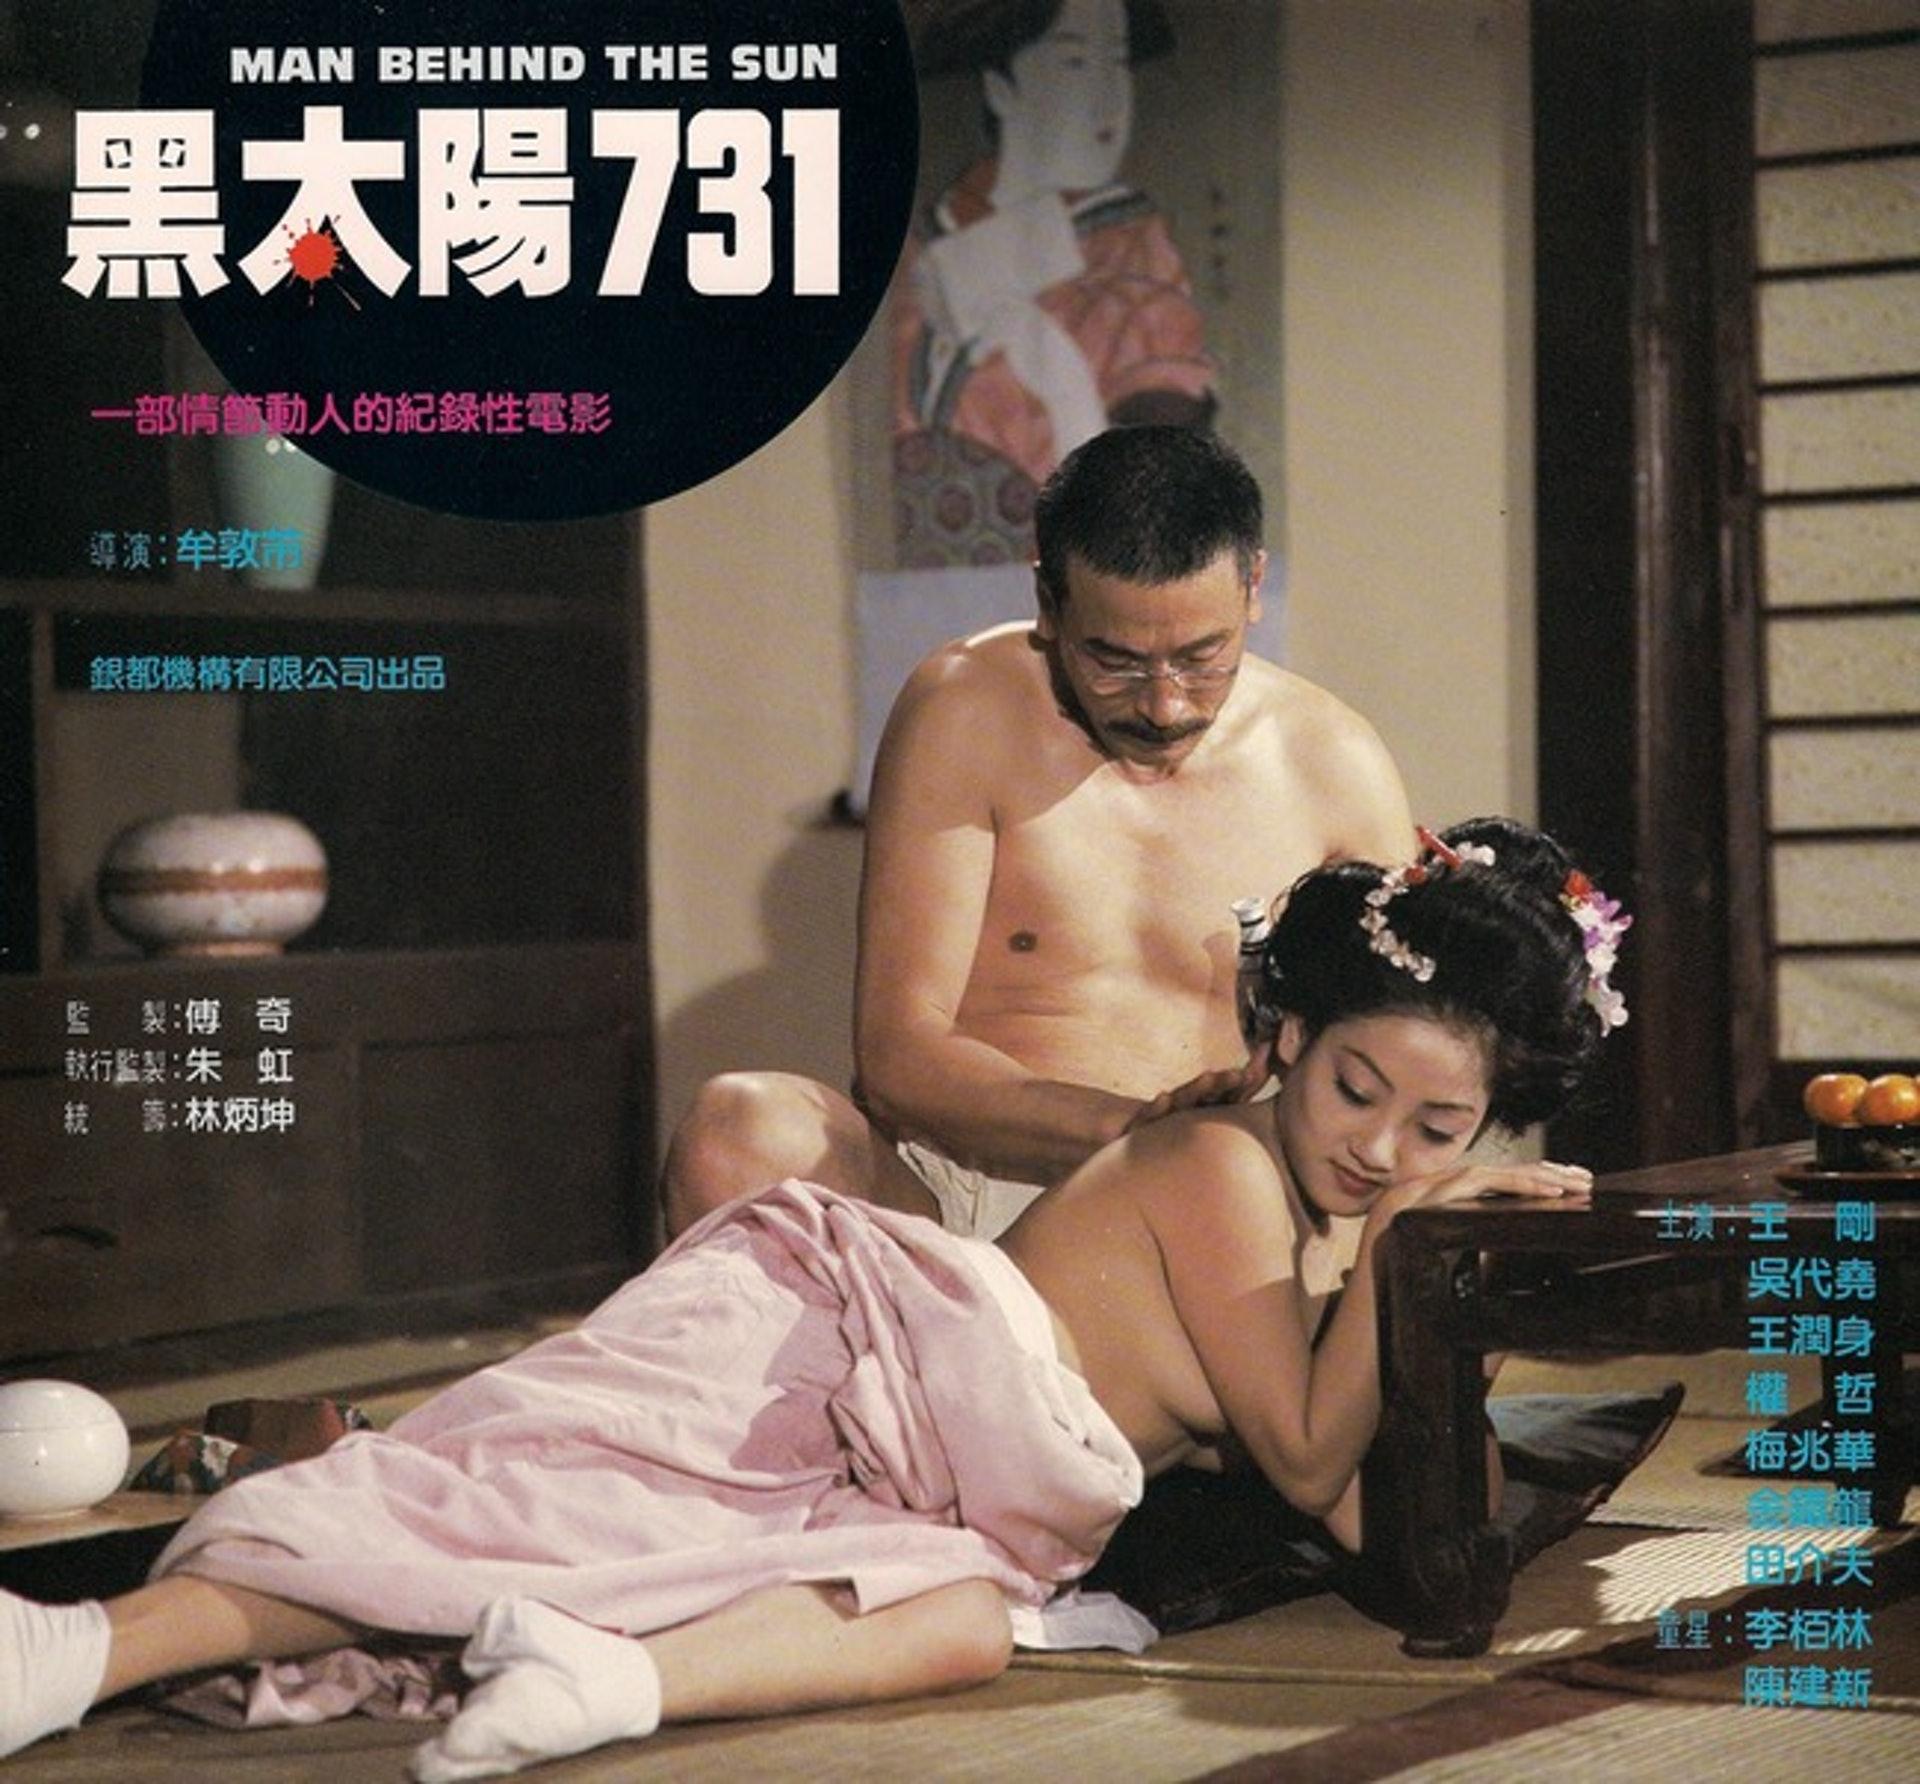 《黑太陽731》由「禽獸導演」牟敦芾執導,成為香港史上首部三級片。(網上圖片)